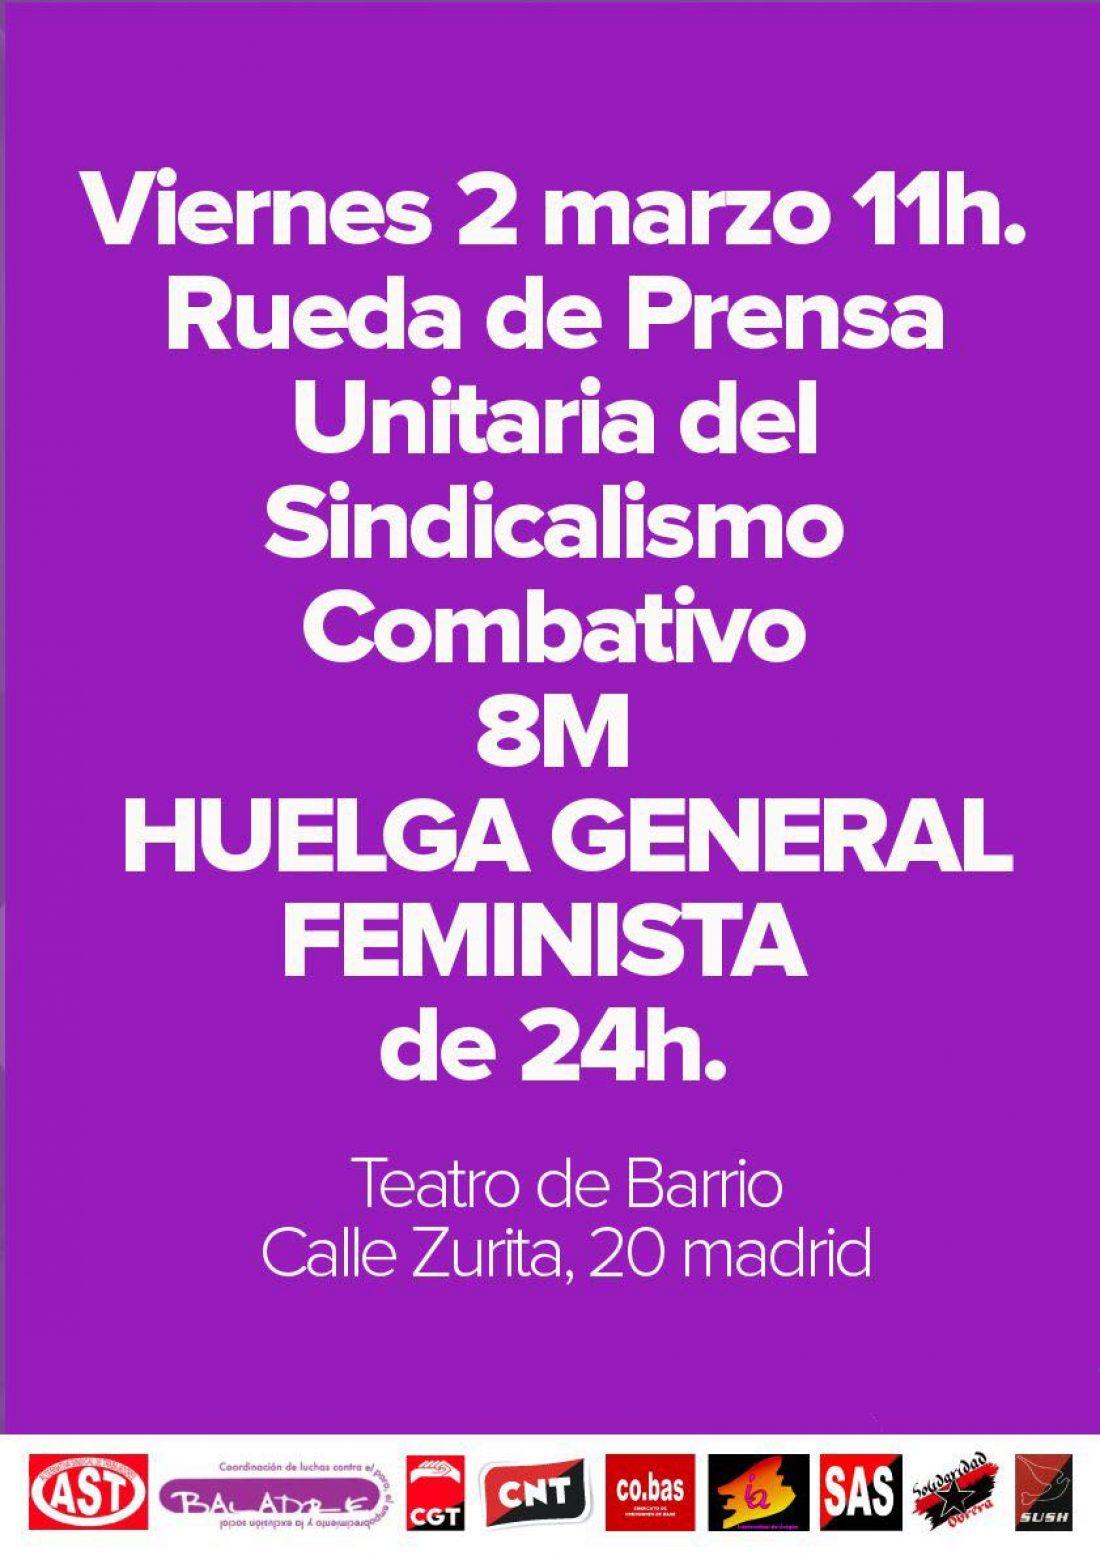 Rueda de prensa: El Bloque Combativo explica las razones para ir a la Huelga General Feminista el próximo 8 de marzo